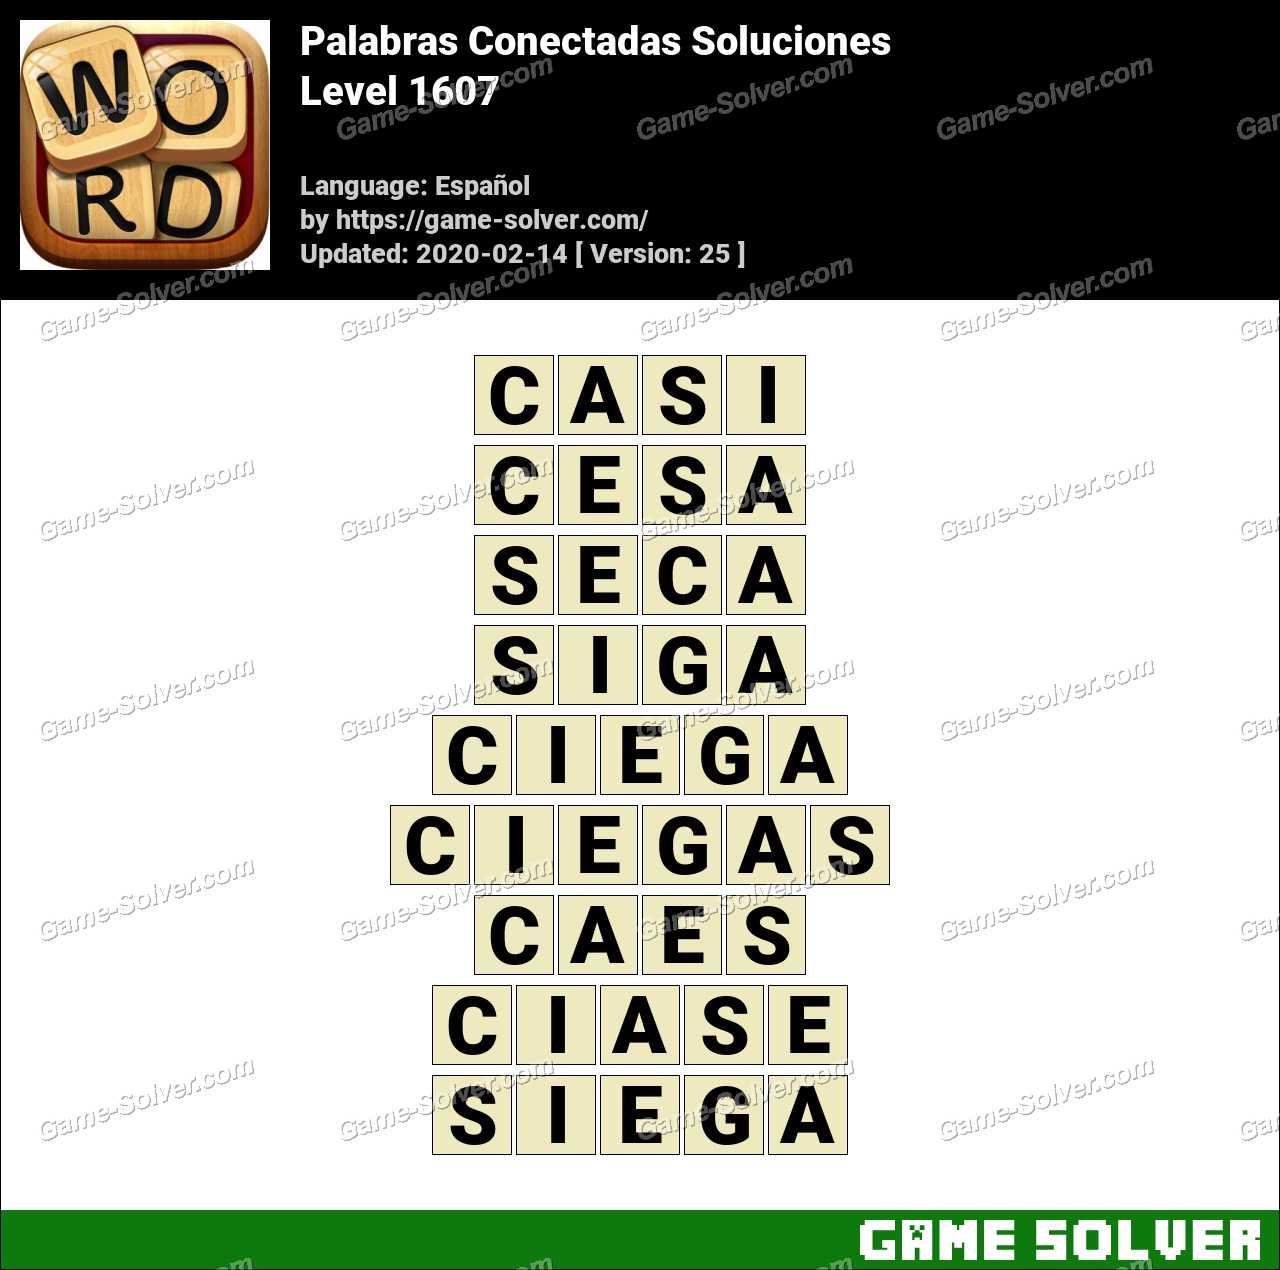 Palabras Conectadas Nivel 1607 Soluciones